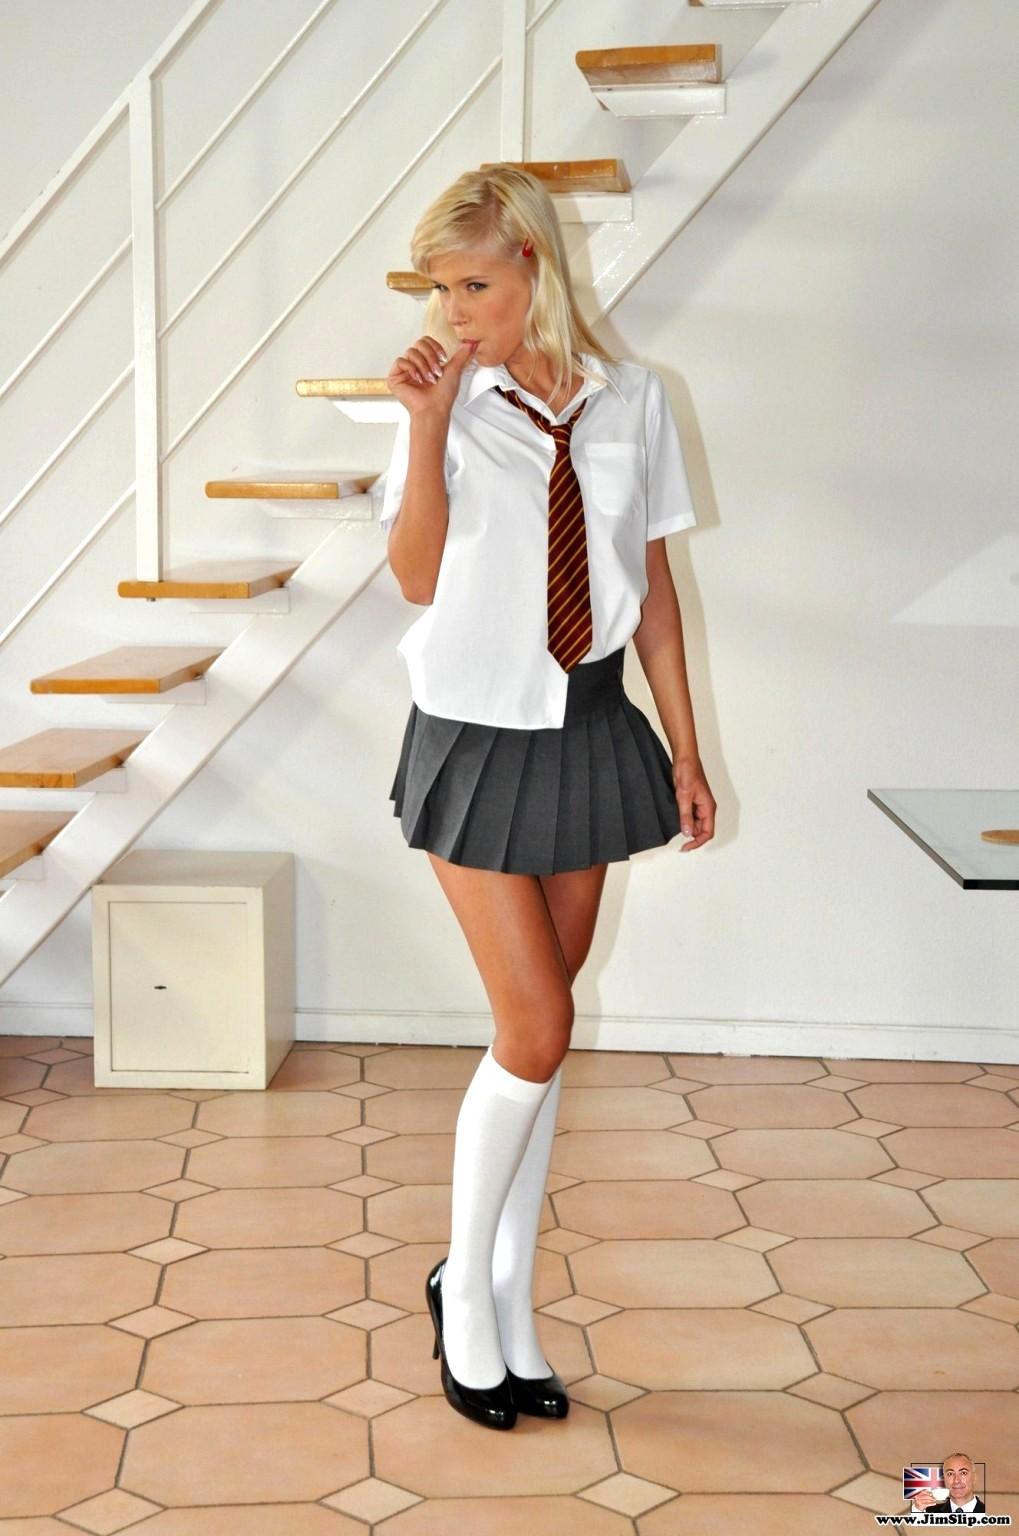 Babe Today Jim Slip Jimslip Model Recommend Skirt